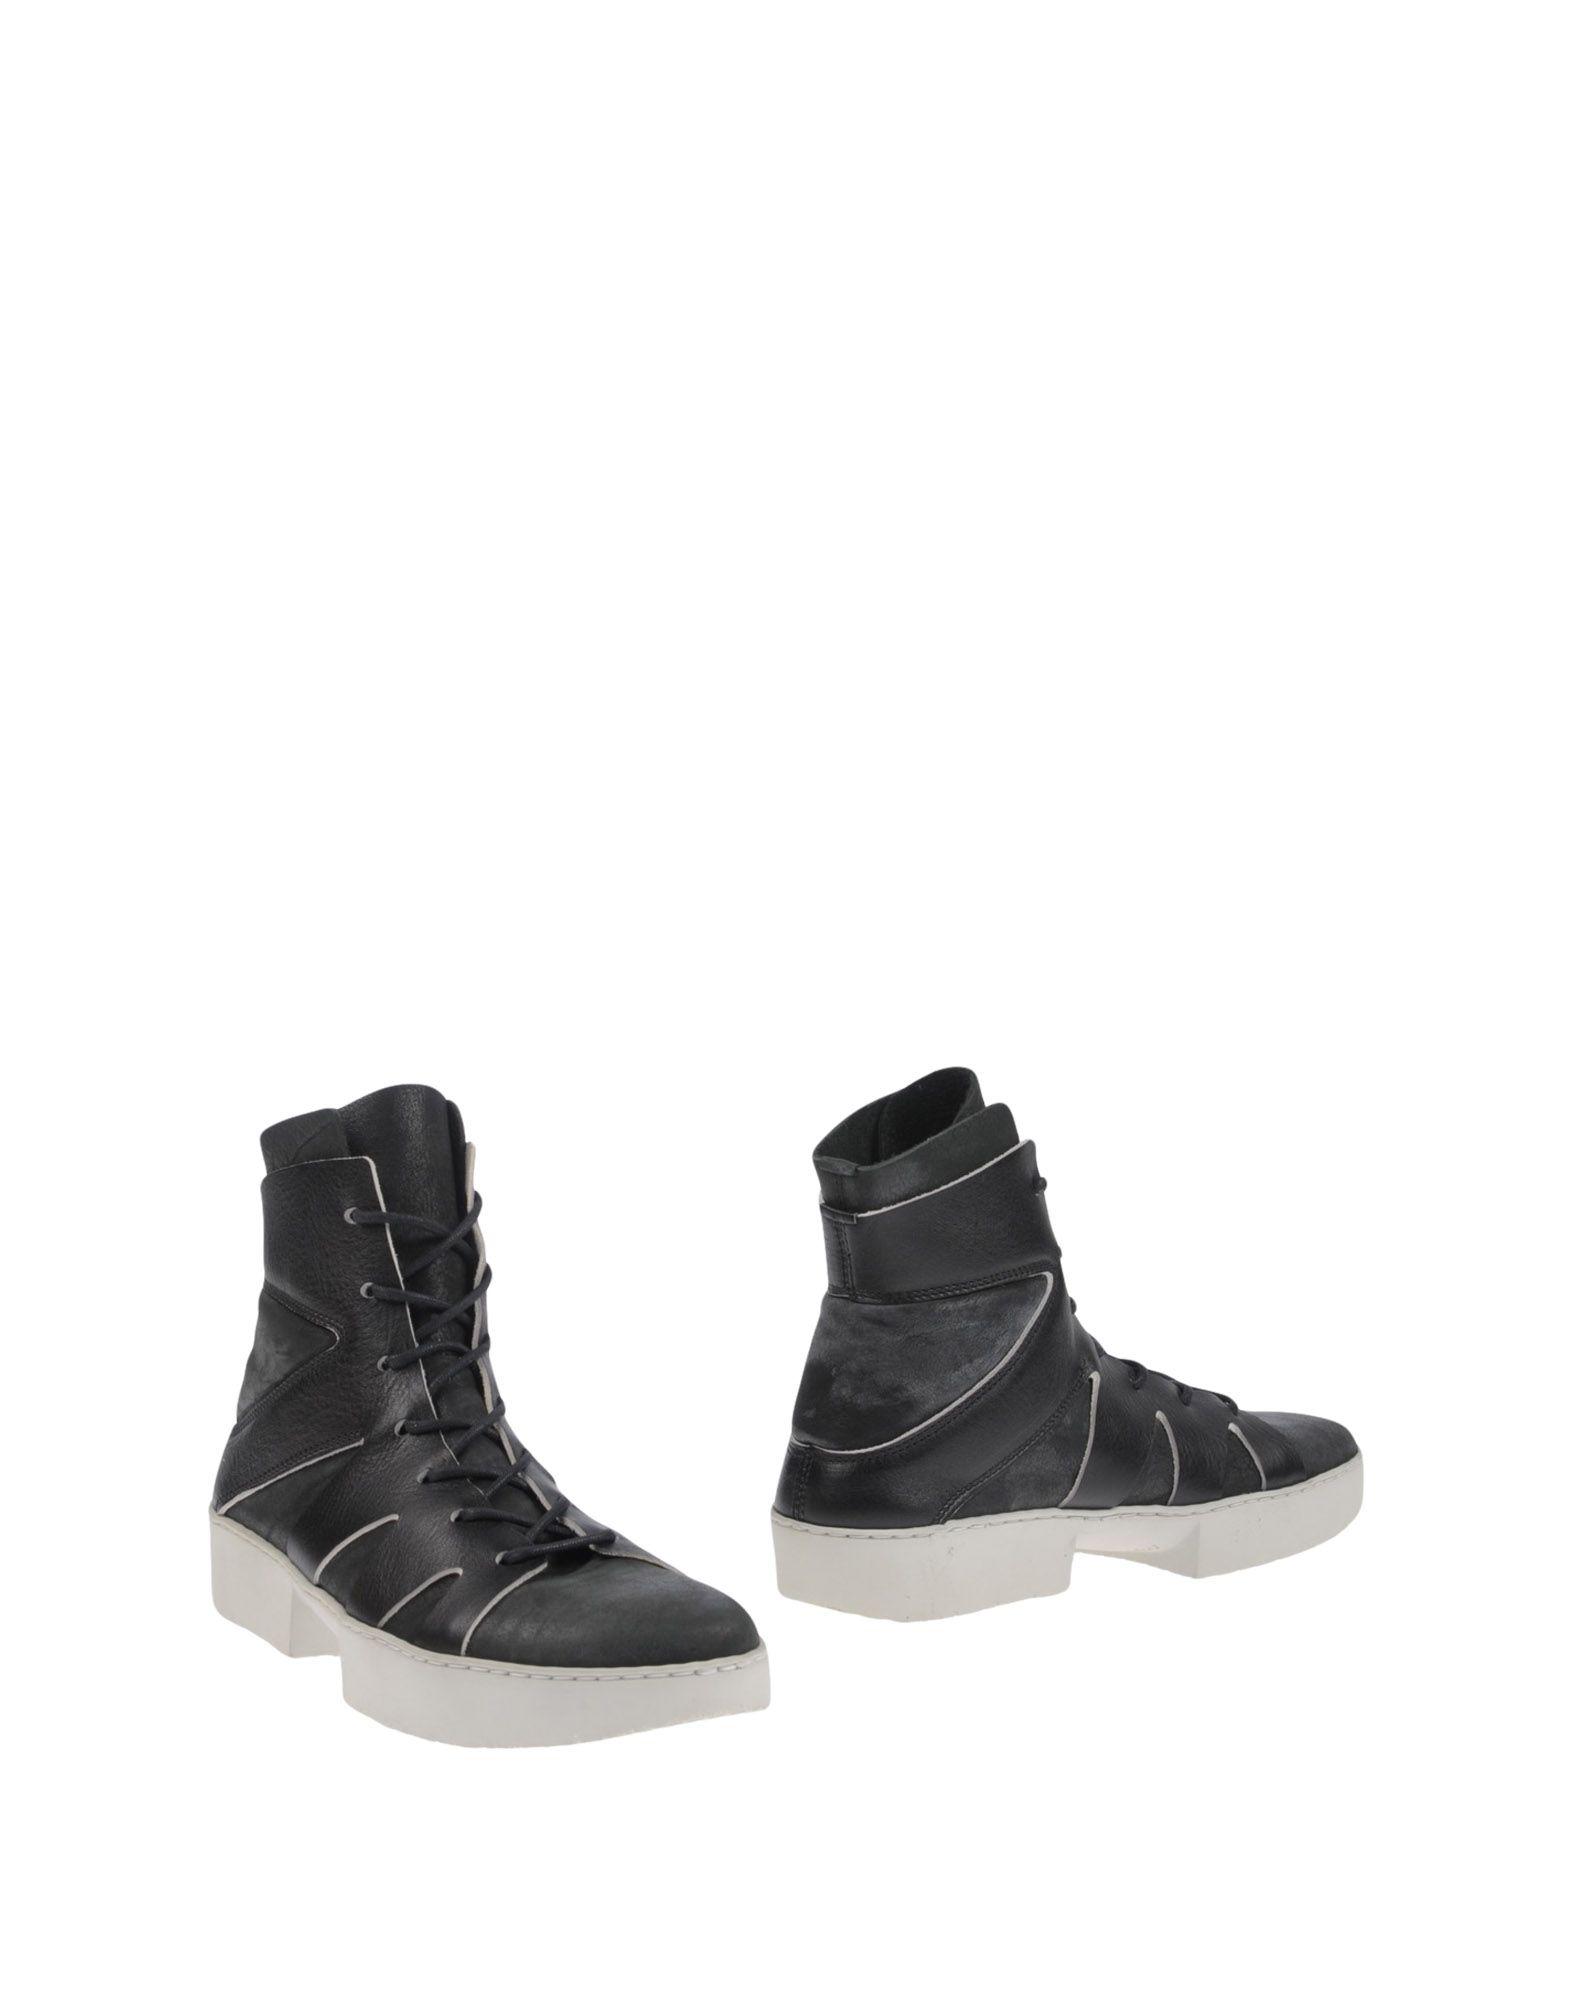 Trippen Stiefelette Herren  Schuhe 11452463FU Gute Qualität beliebte Schuhe  881939